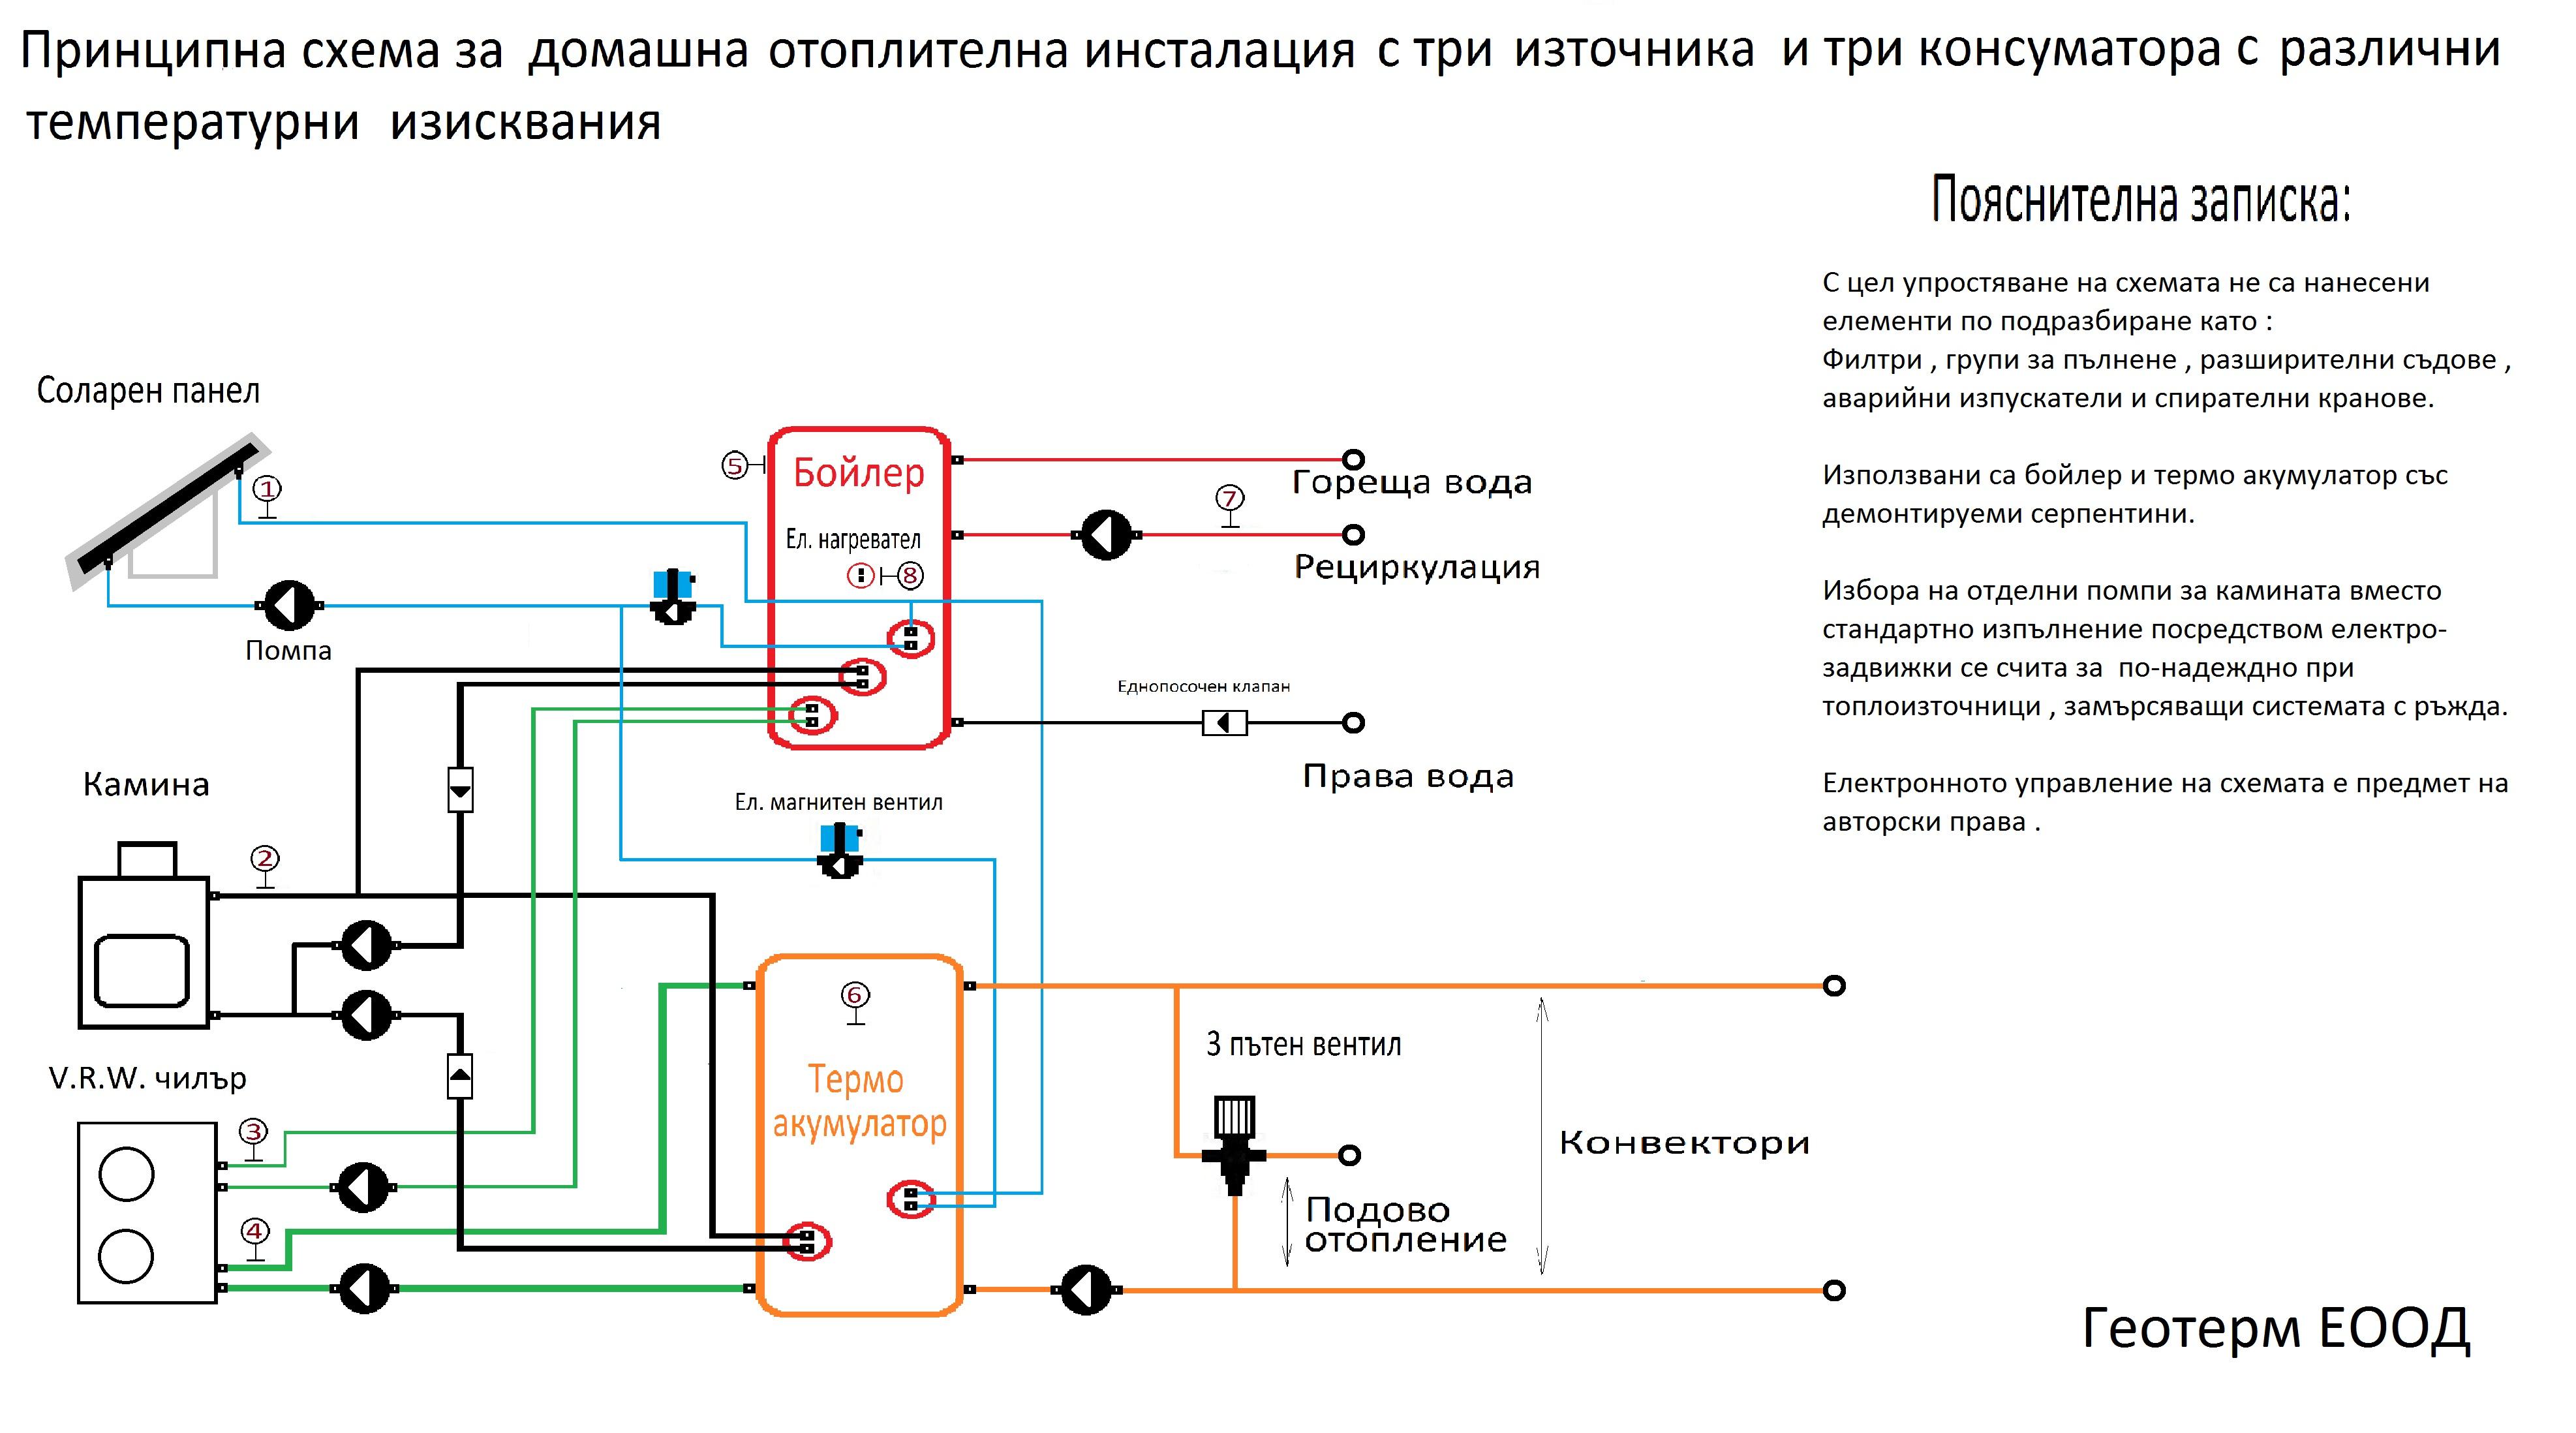 Схема на домашна отоплителна инсталация с три топлоизточника